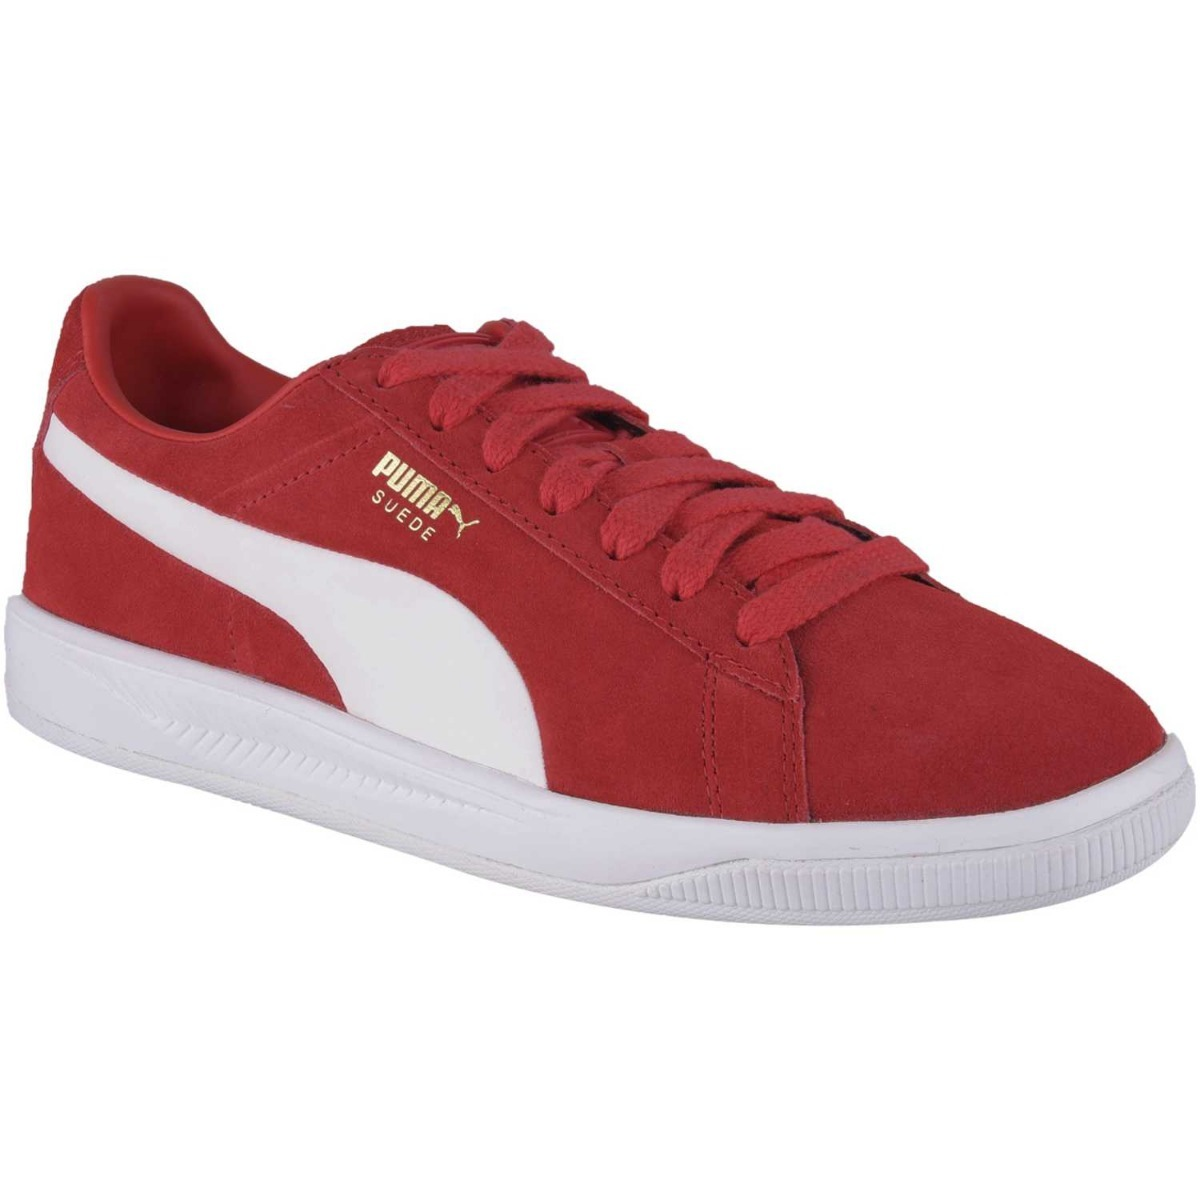 00 115 000 Puma Rojos Bs Mercado Zapatos Libre En XaUTqw